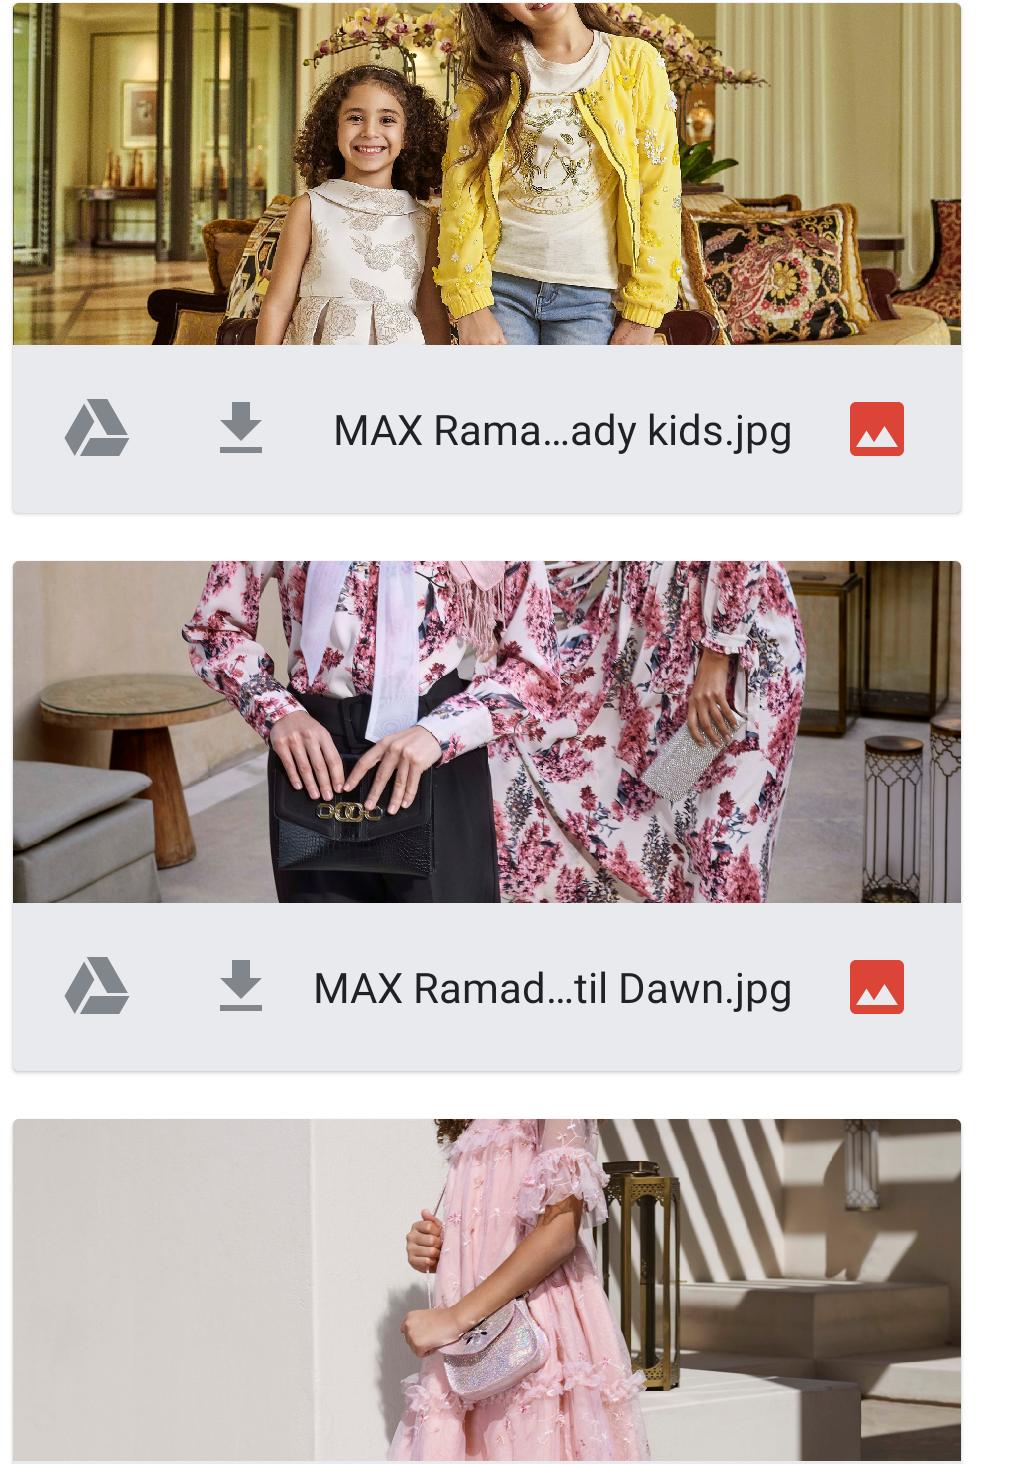 ماكس فاشن: مجموعات أزياء خاصة لرمضان لطلة عصرية ومريحة خلال وقت الصوم